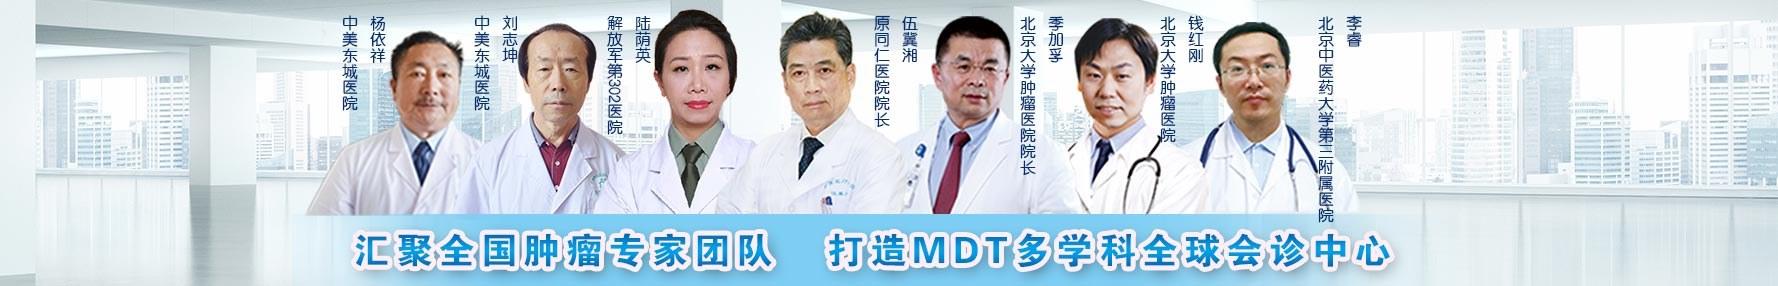 北京肿瘤医院